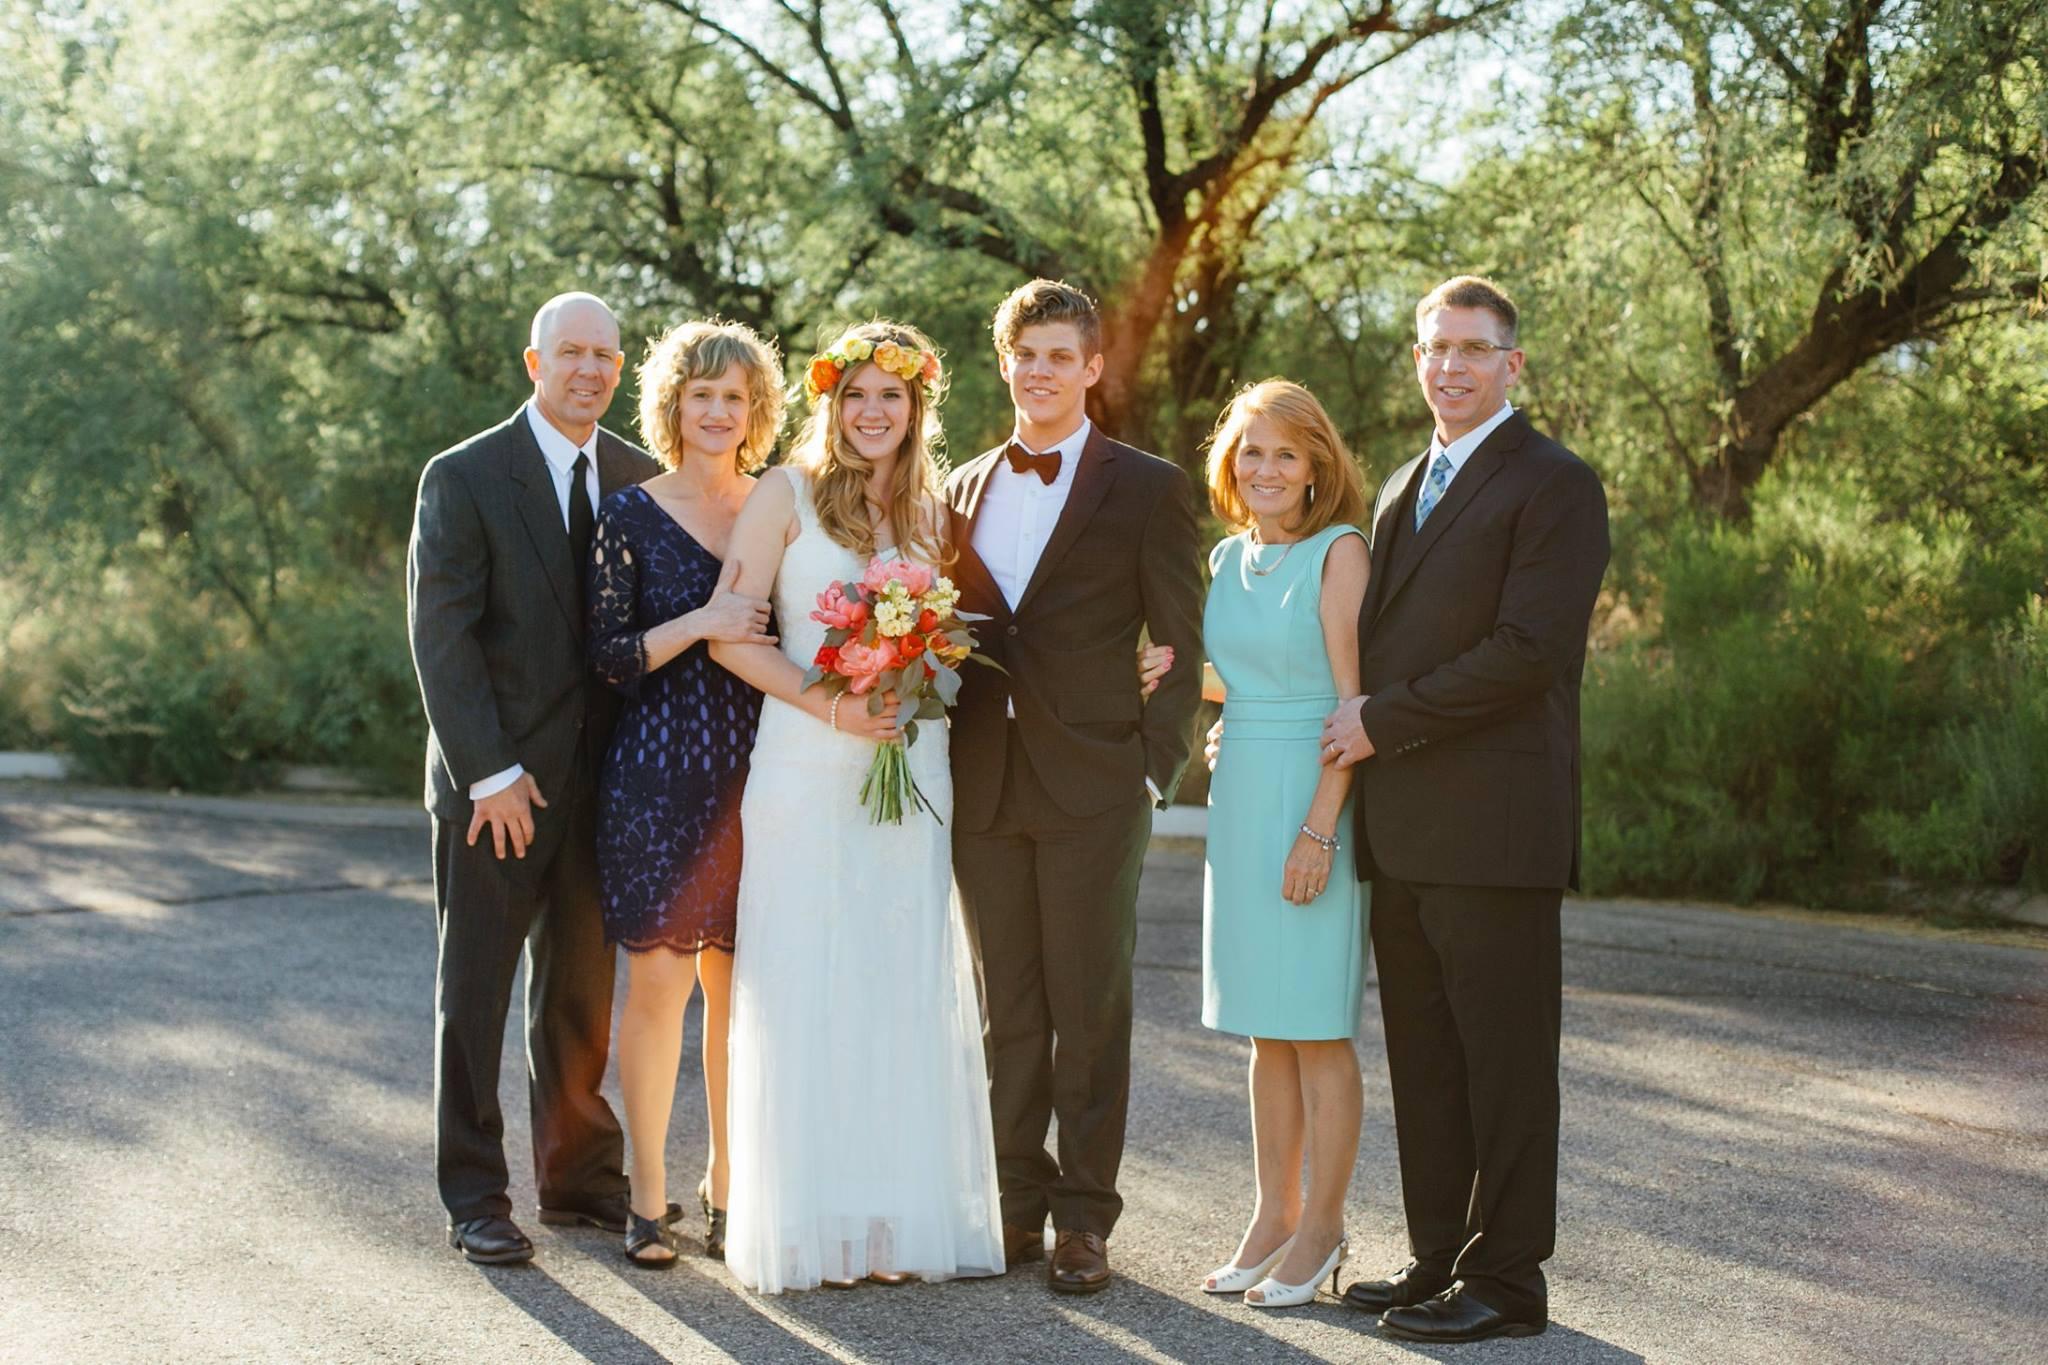 Family grouping list ideas -